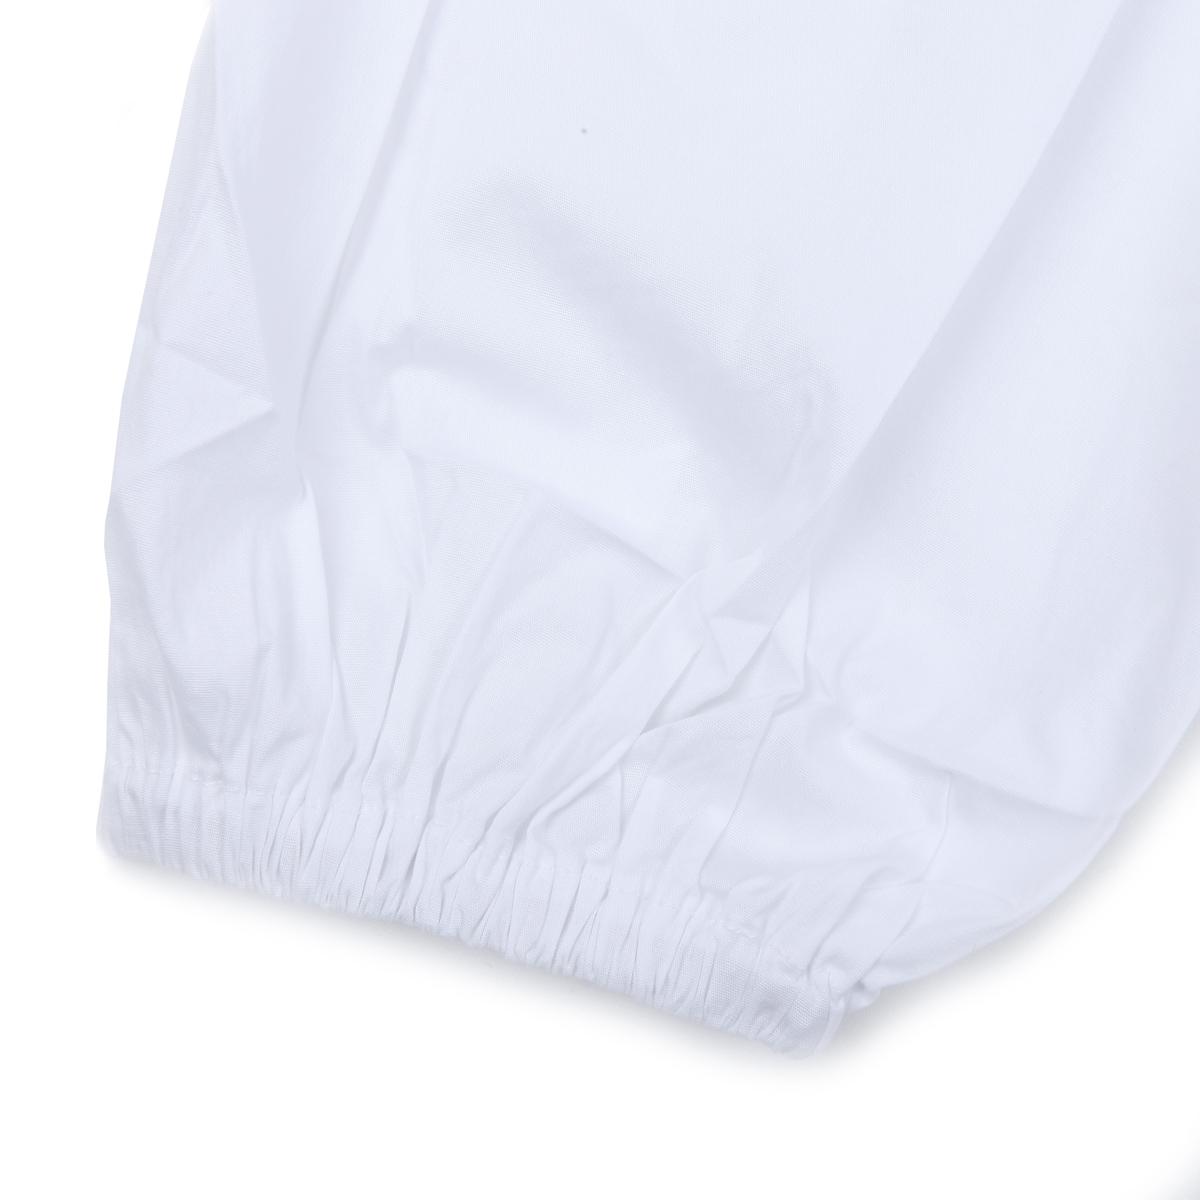 женская рубашка OSA sc00502 O.SA2011 C00502 Casual Длинный рукав Однотонный цвет Бантик бабочкой Воротник-стойка